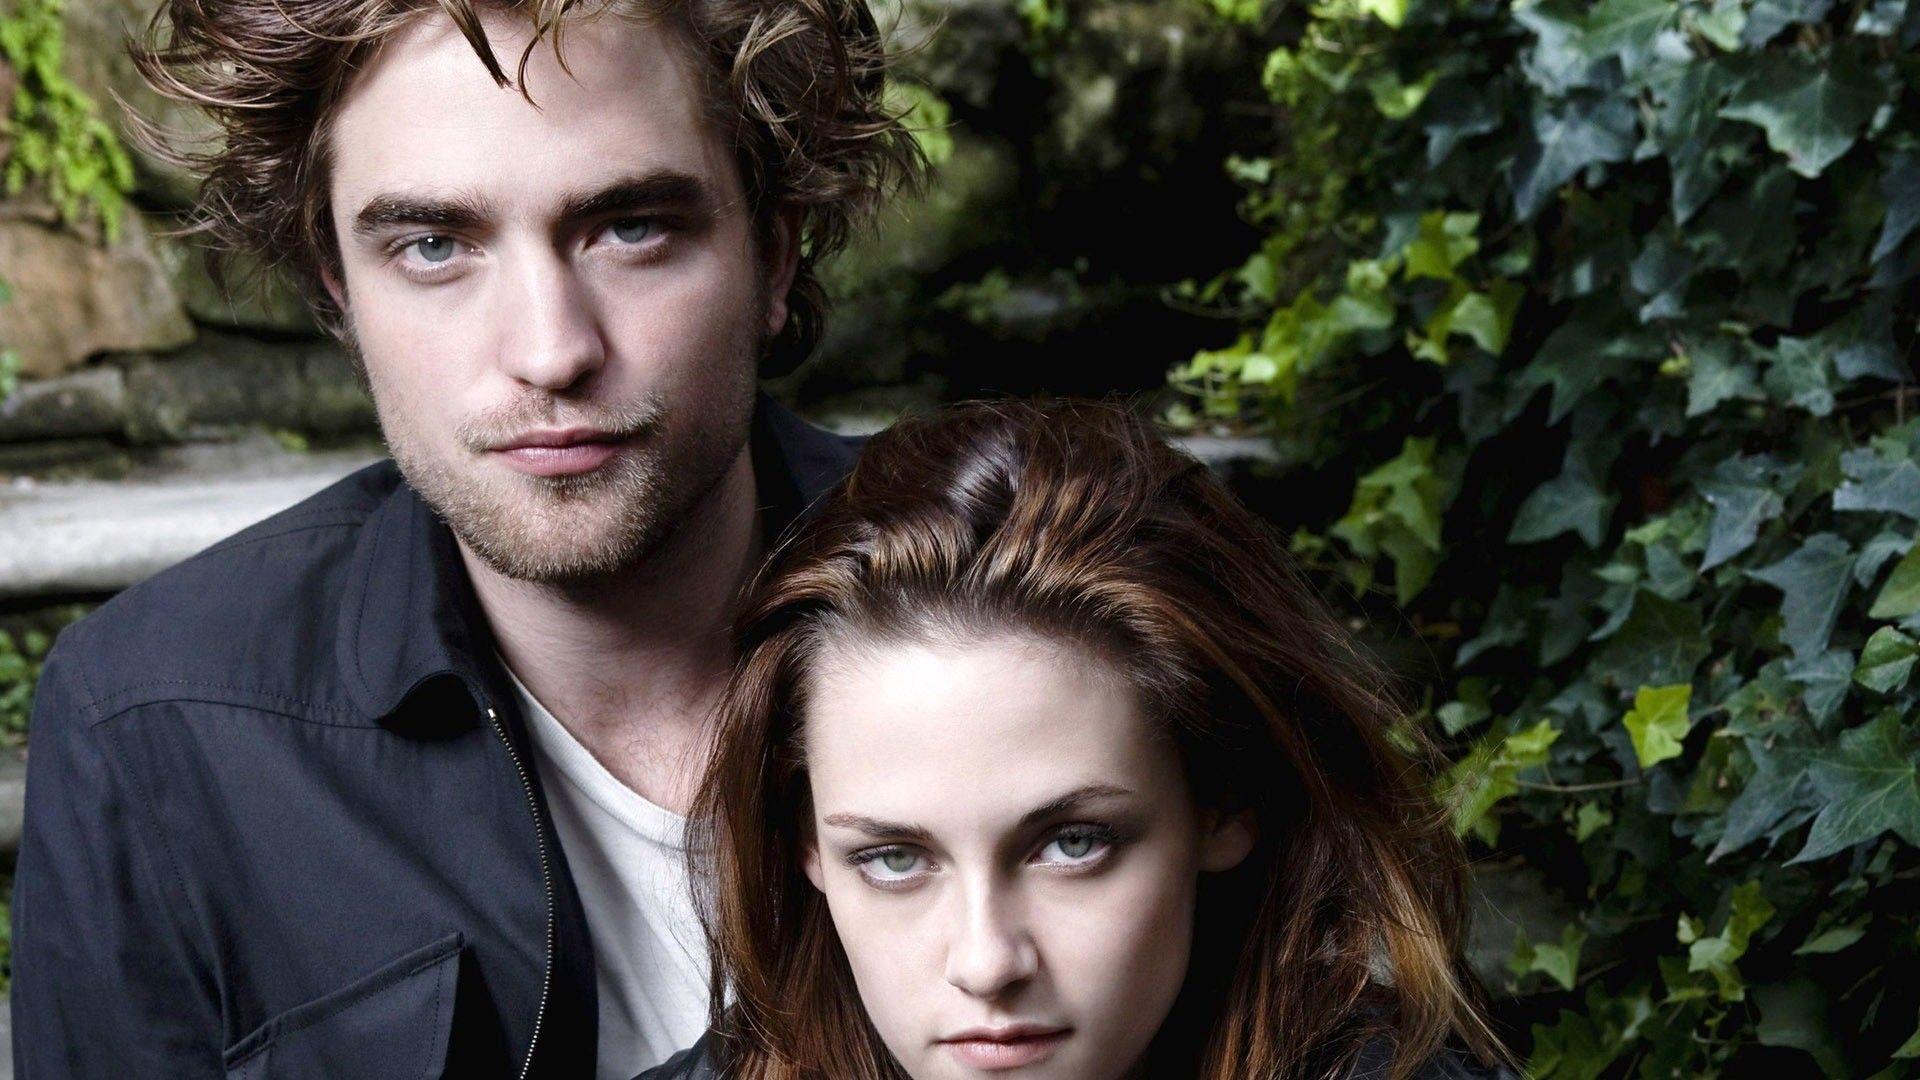 Res 1920x1080 Tapeten Von Twilight Saga Galerie 89 Plus Juegosrev Com Juegosrev Com Robert Pattinson Twilight Twilight Movie Kristen Stewart Twilight